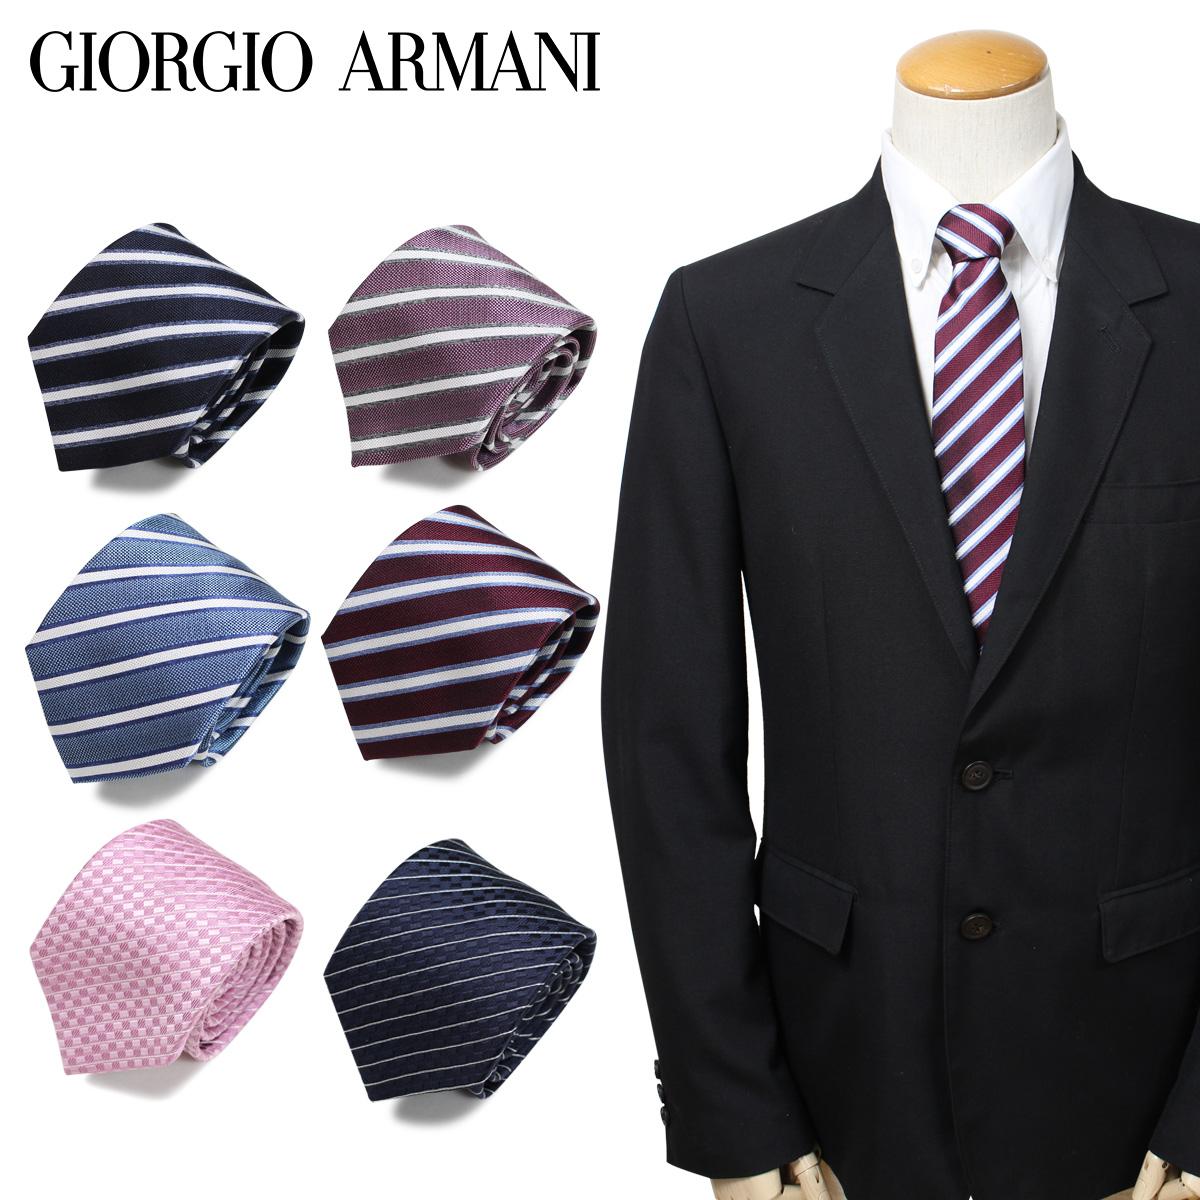 GIORGIO ARMANI ジョルジオ アルマーニ メンズ ネクタイ イタリア製 シルク ビジネス 結婚式